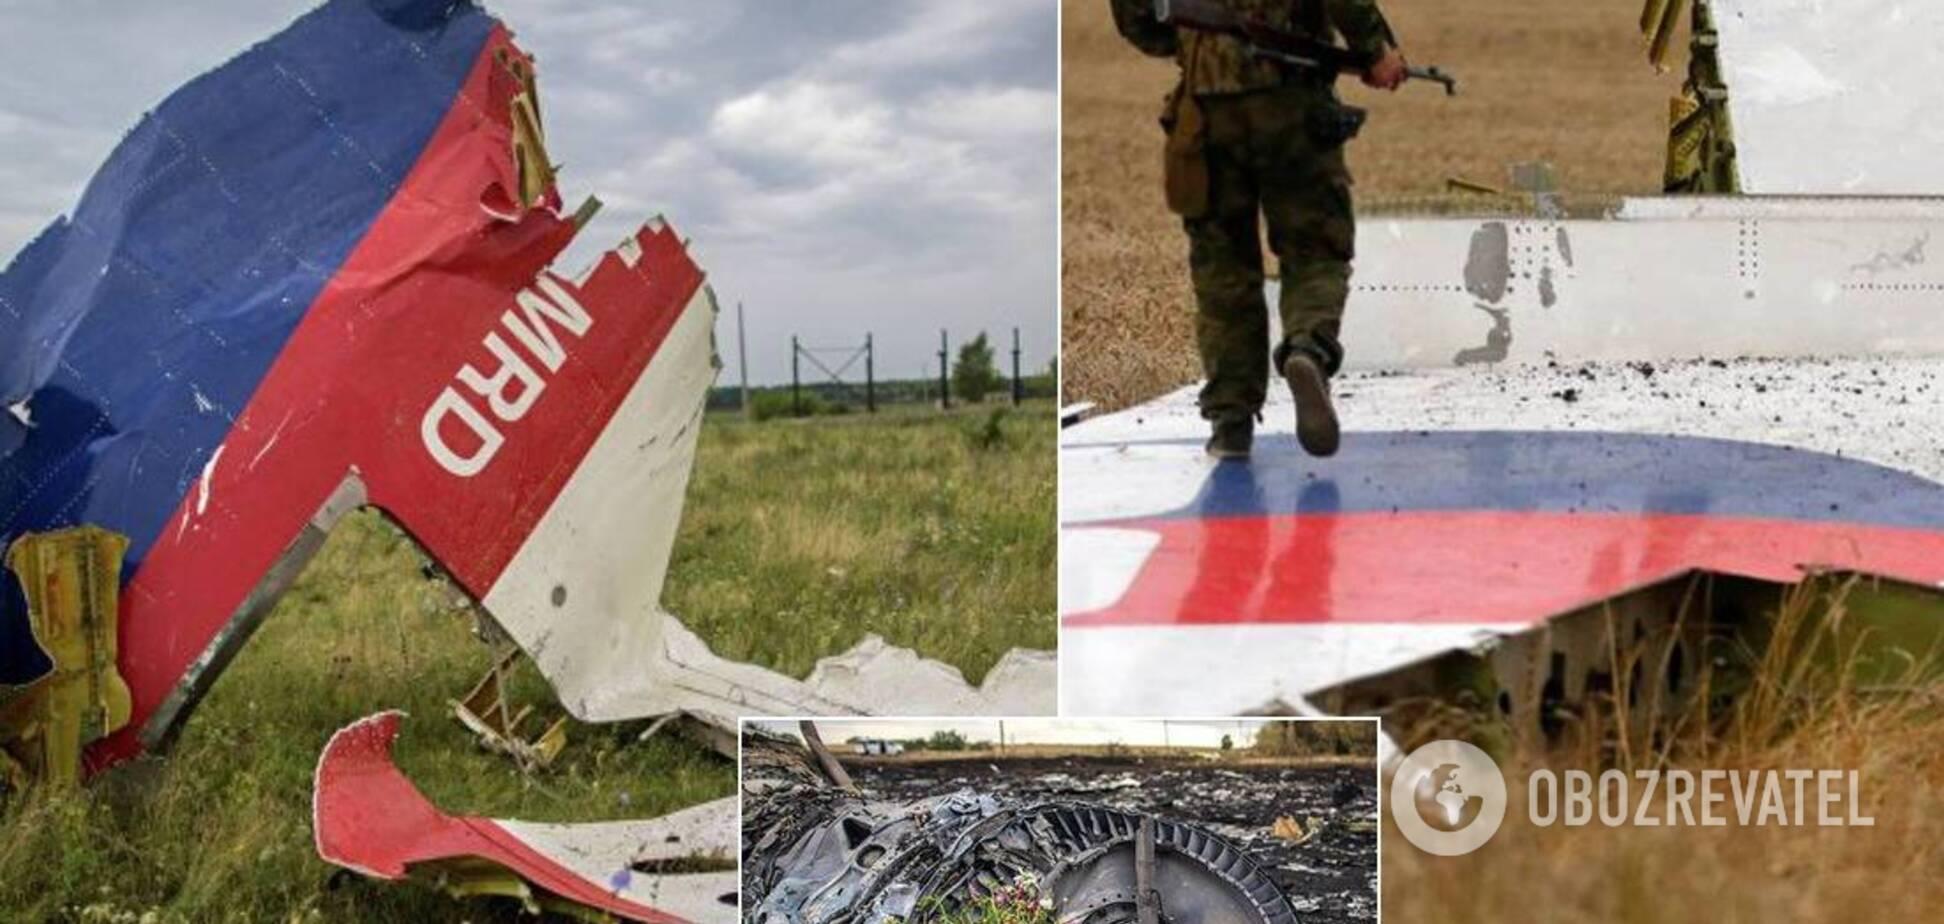 Терроризм приведет Россию к самоуничтожению